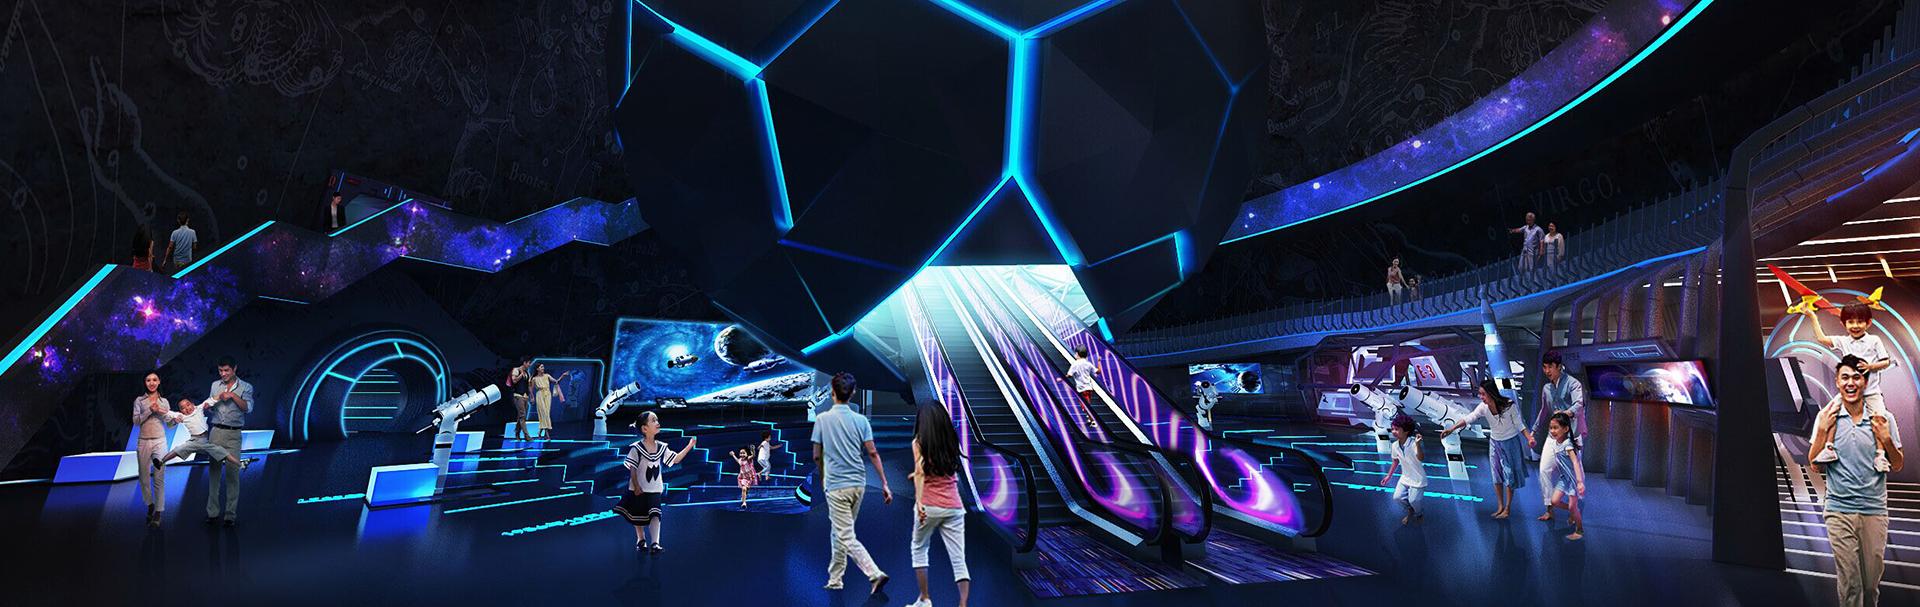 互动多媒体_透明移拉屏_VR虚拟漫游_mapping艺术墙-易普趣